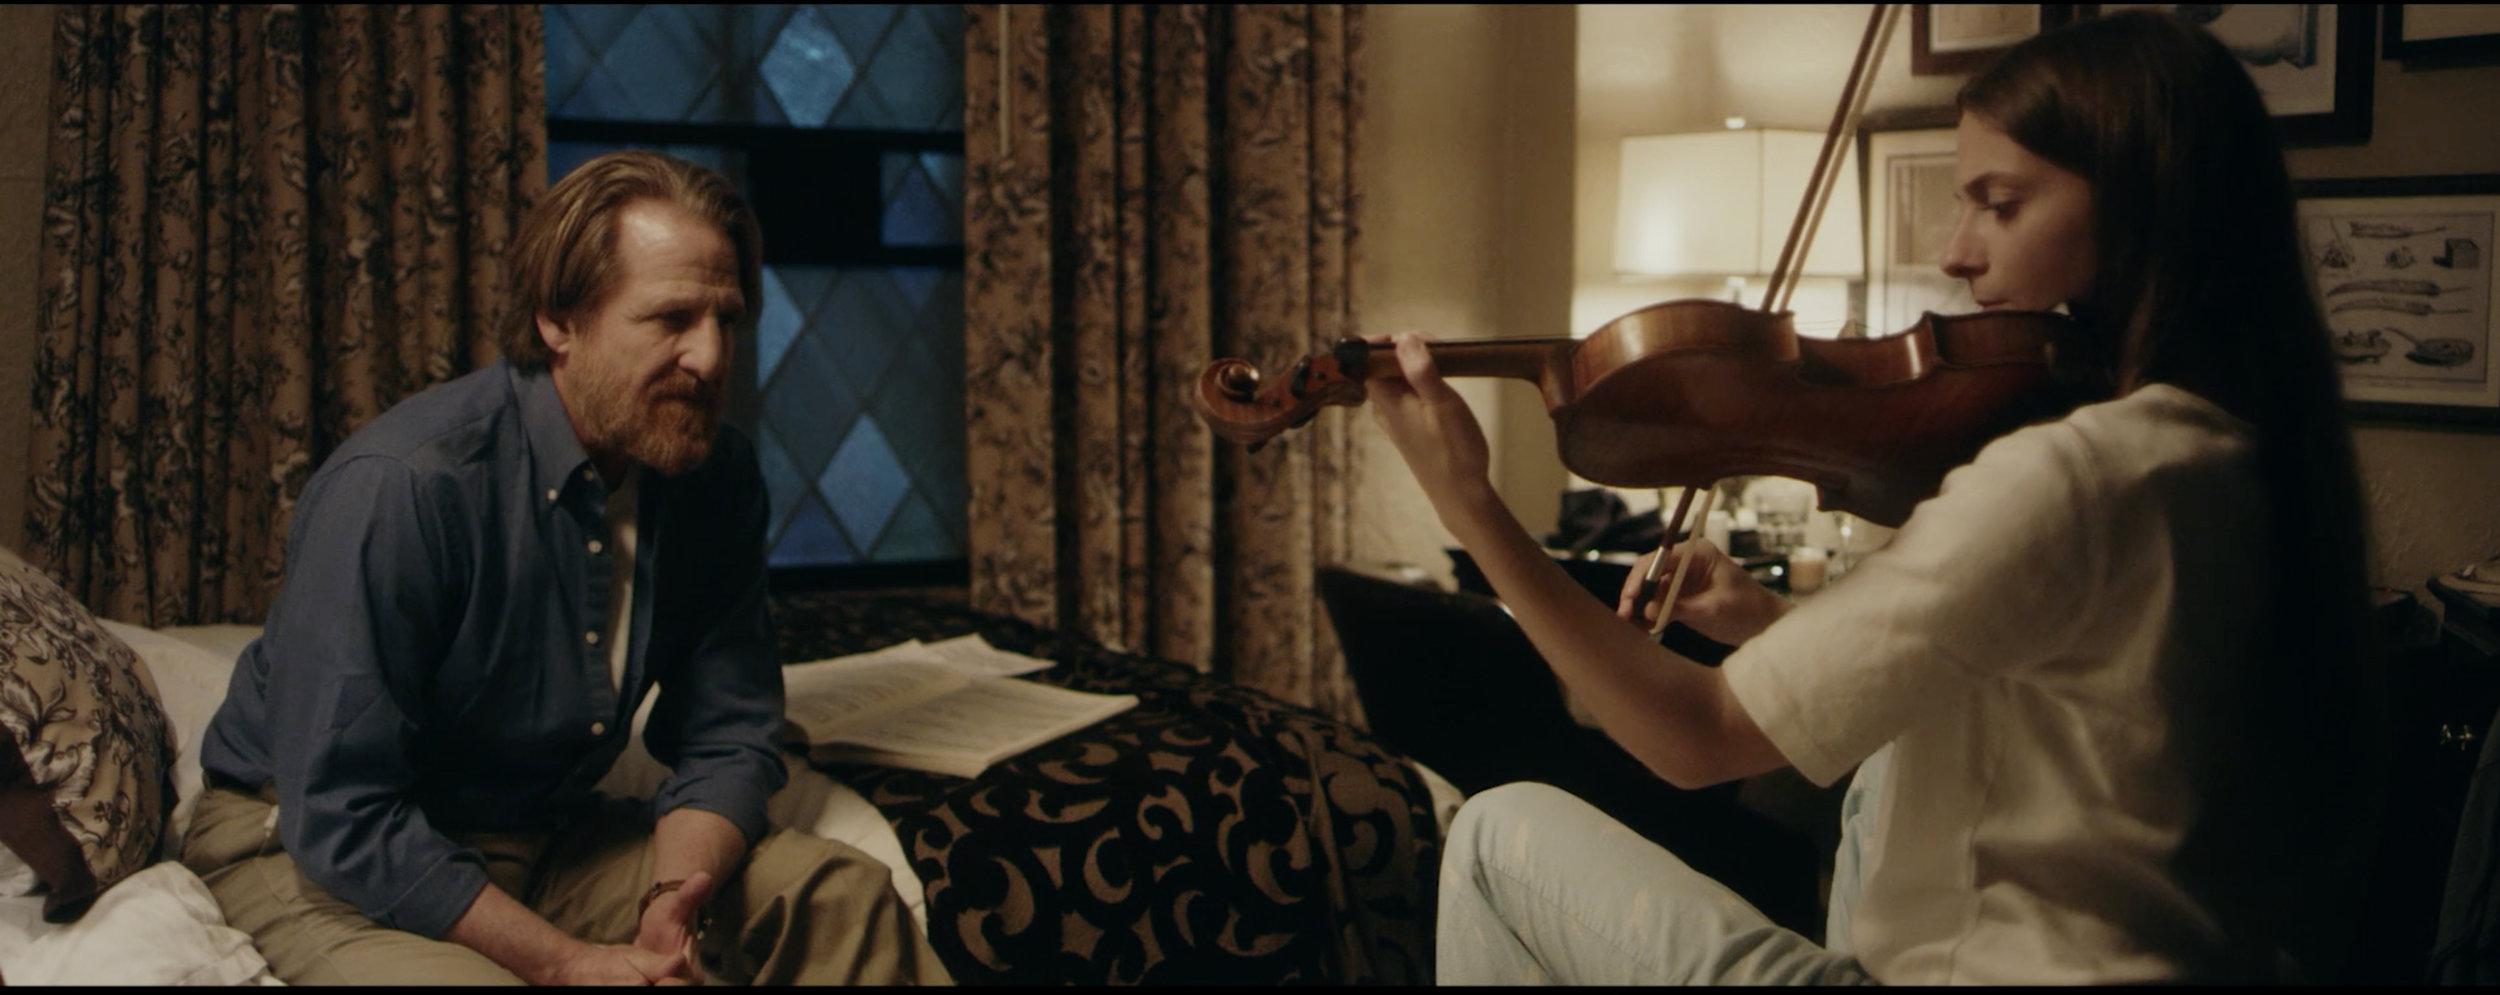 PARALLEL CHORDS film - P18015-N STILL 2 .jpg